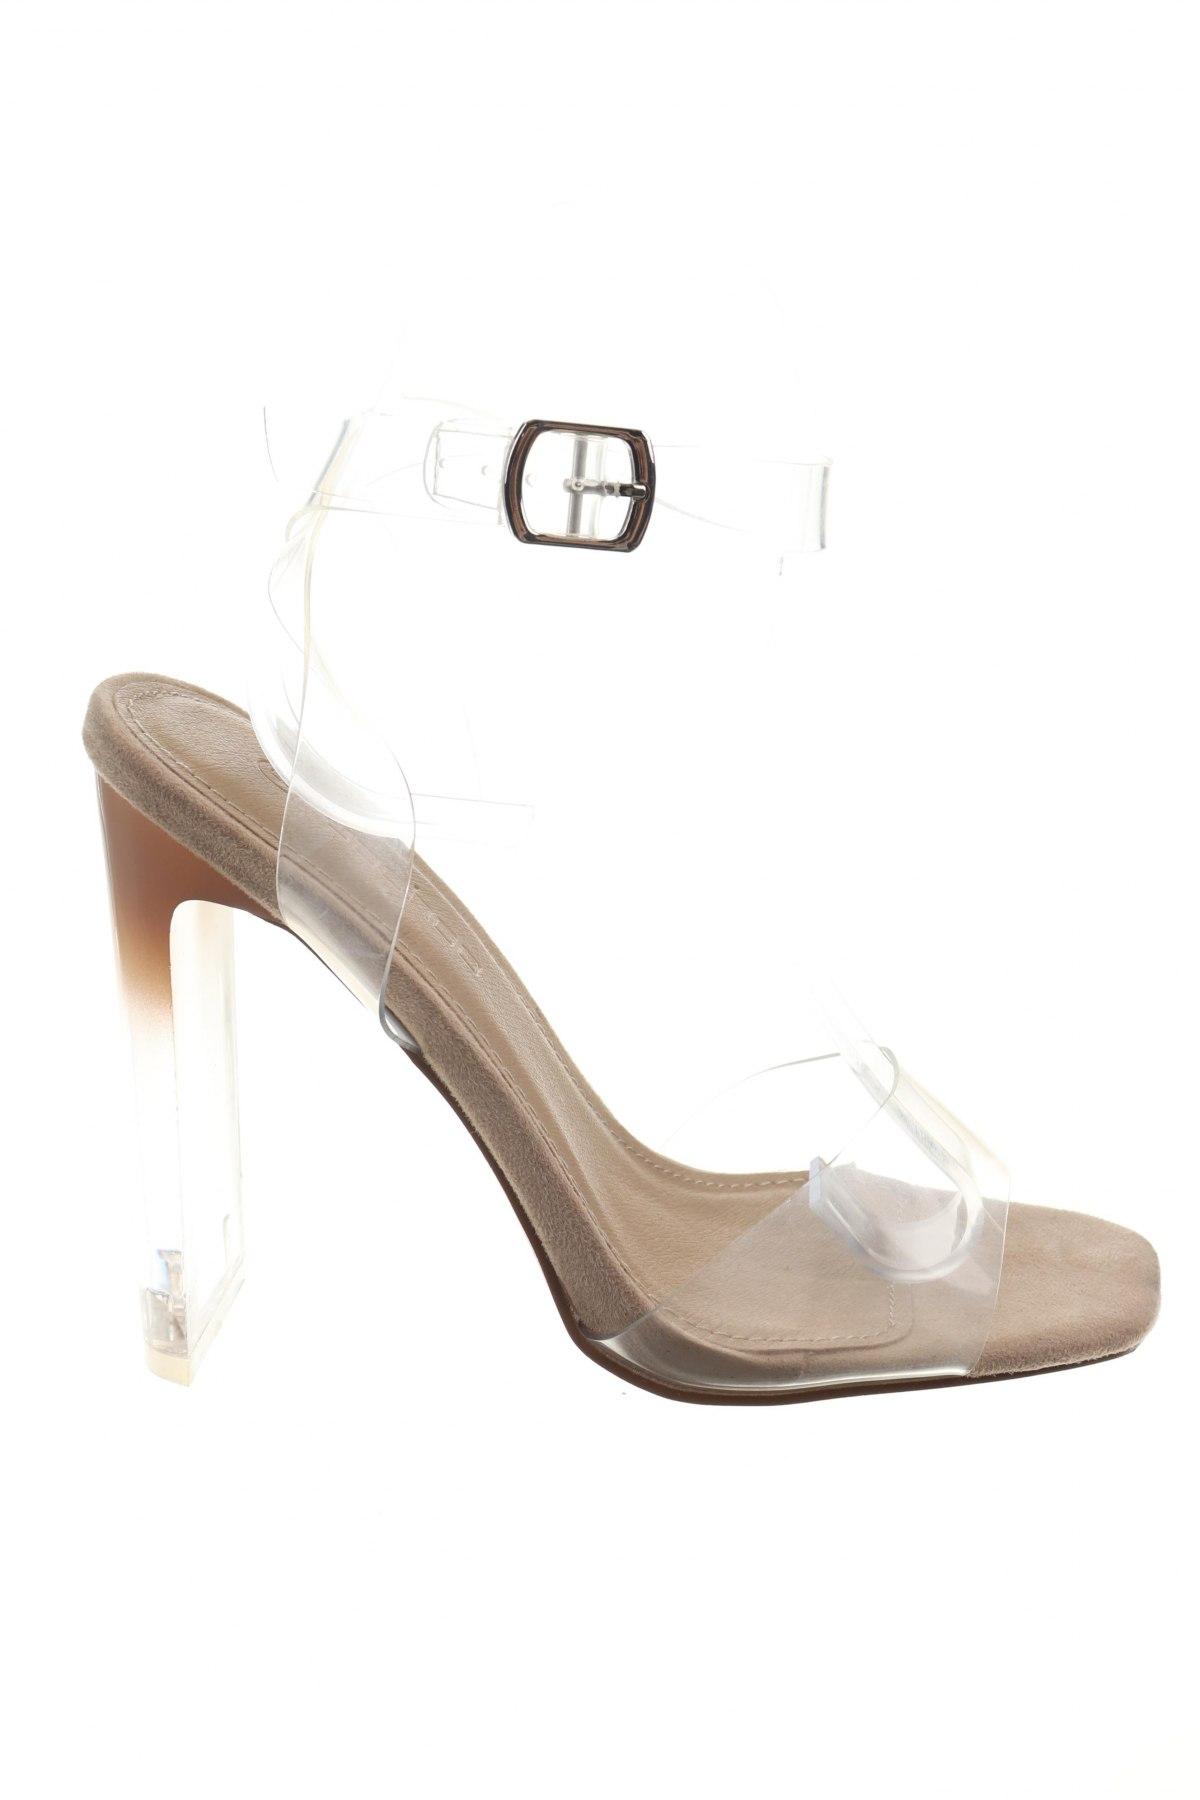 Σανδάλια Boohoo, Μέγεθος 38, Χρώμα Λευκό, Πολυουρεθάνης, Τιμή 16,73€